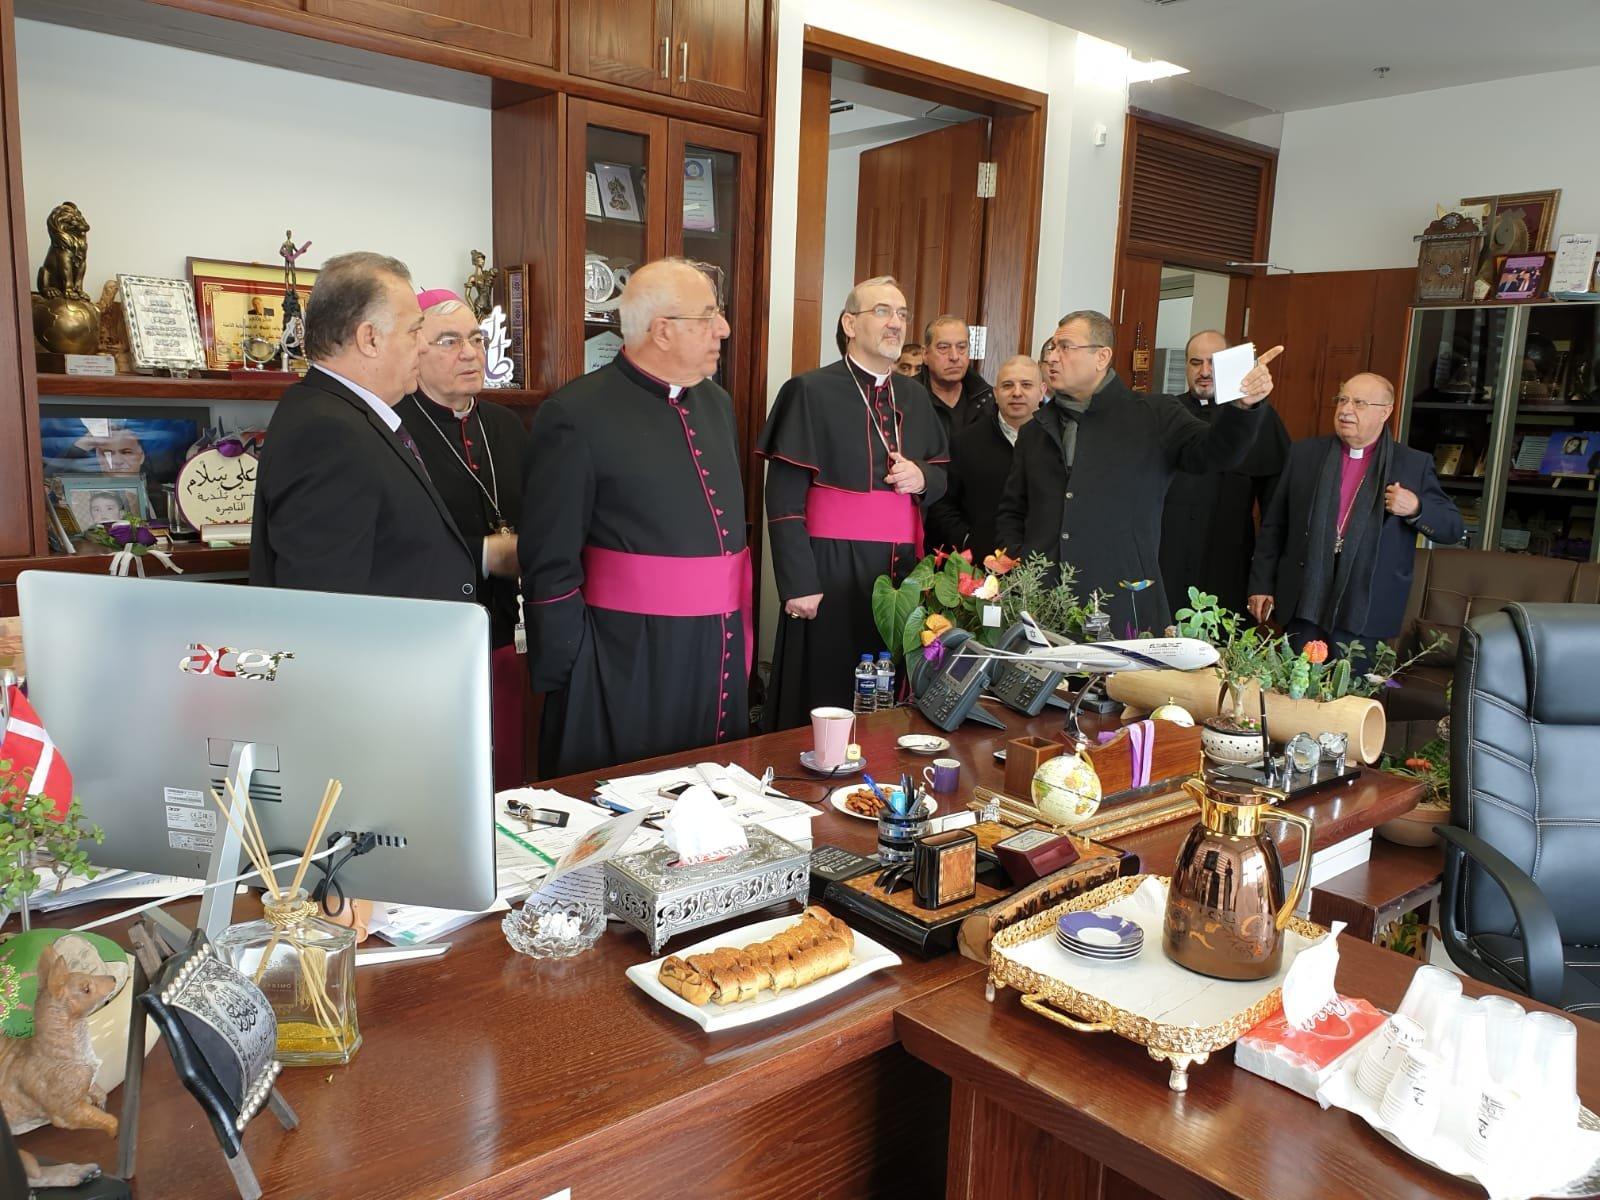 القاصد الرسولي ومطارنة اللاتين يعايدون على رئيس البلدية بعيد البشارة